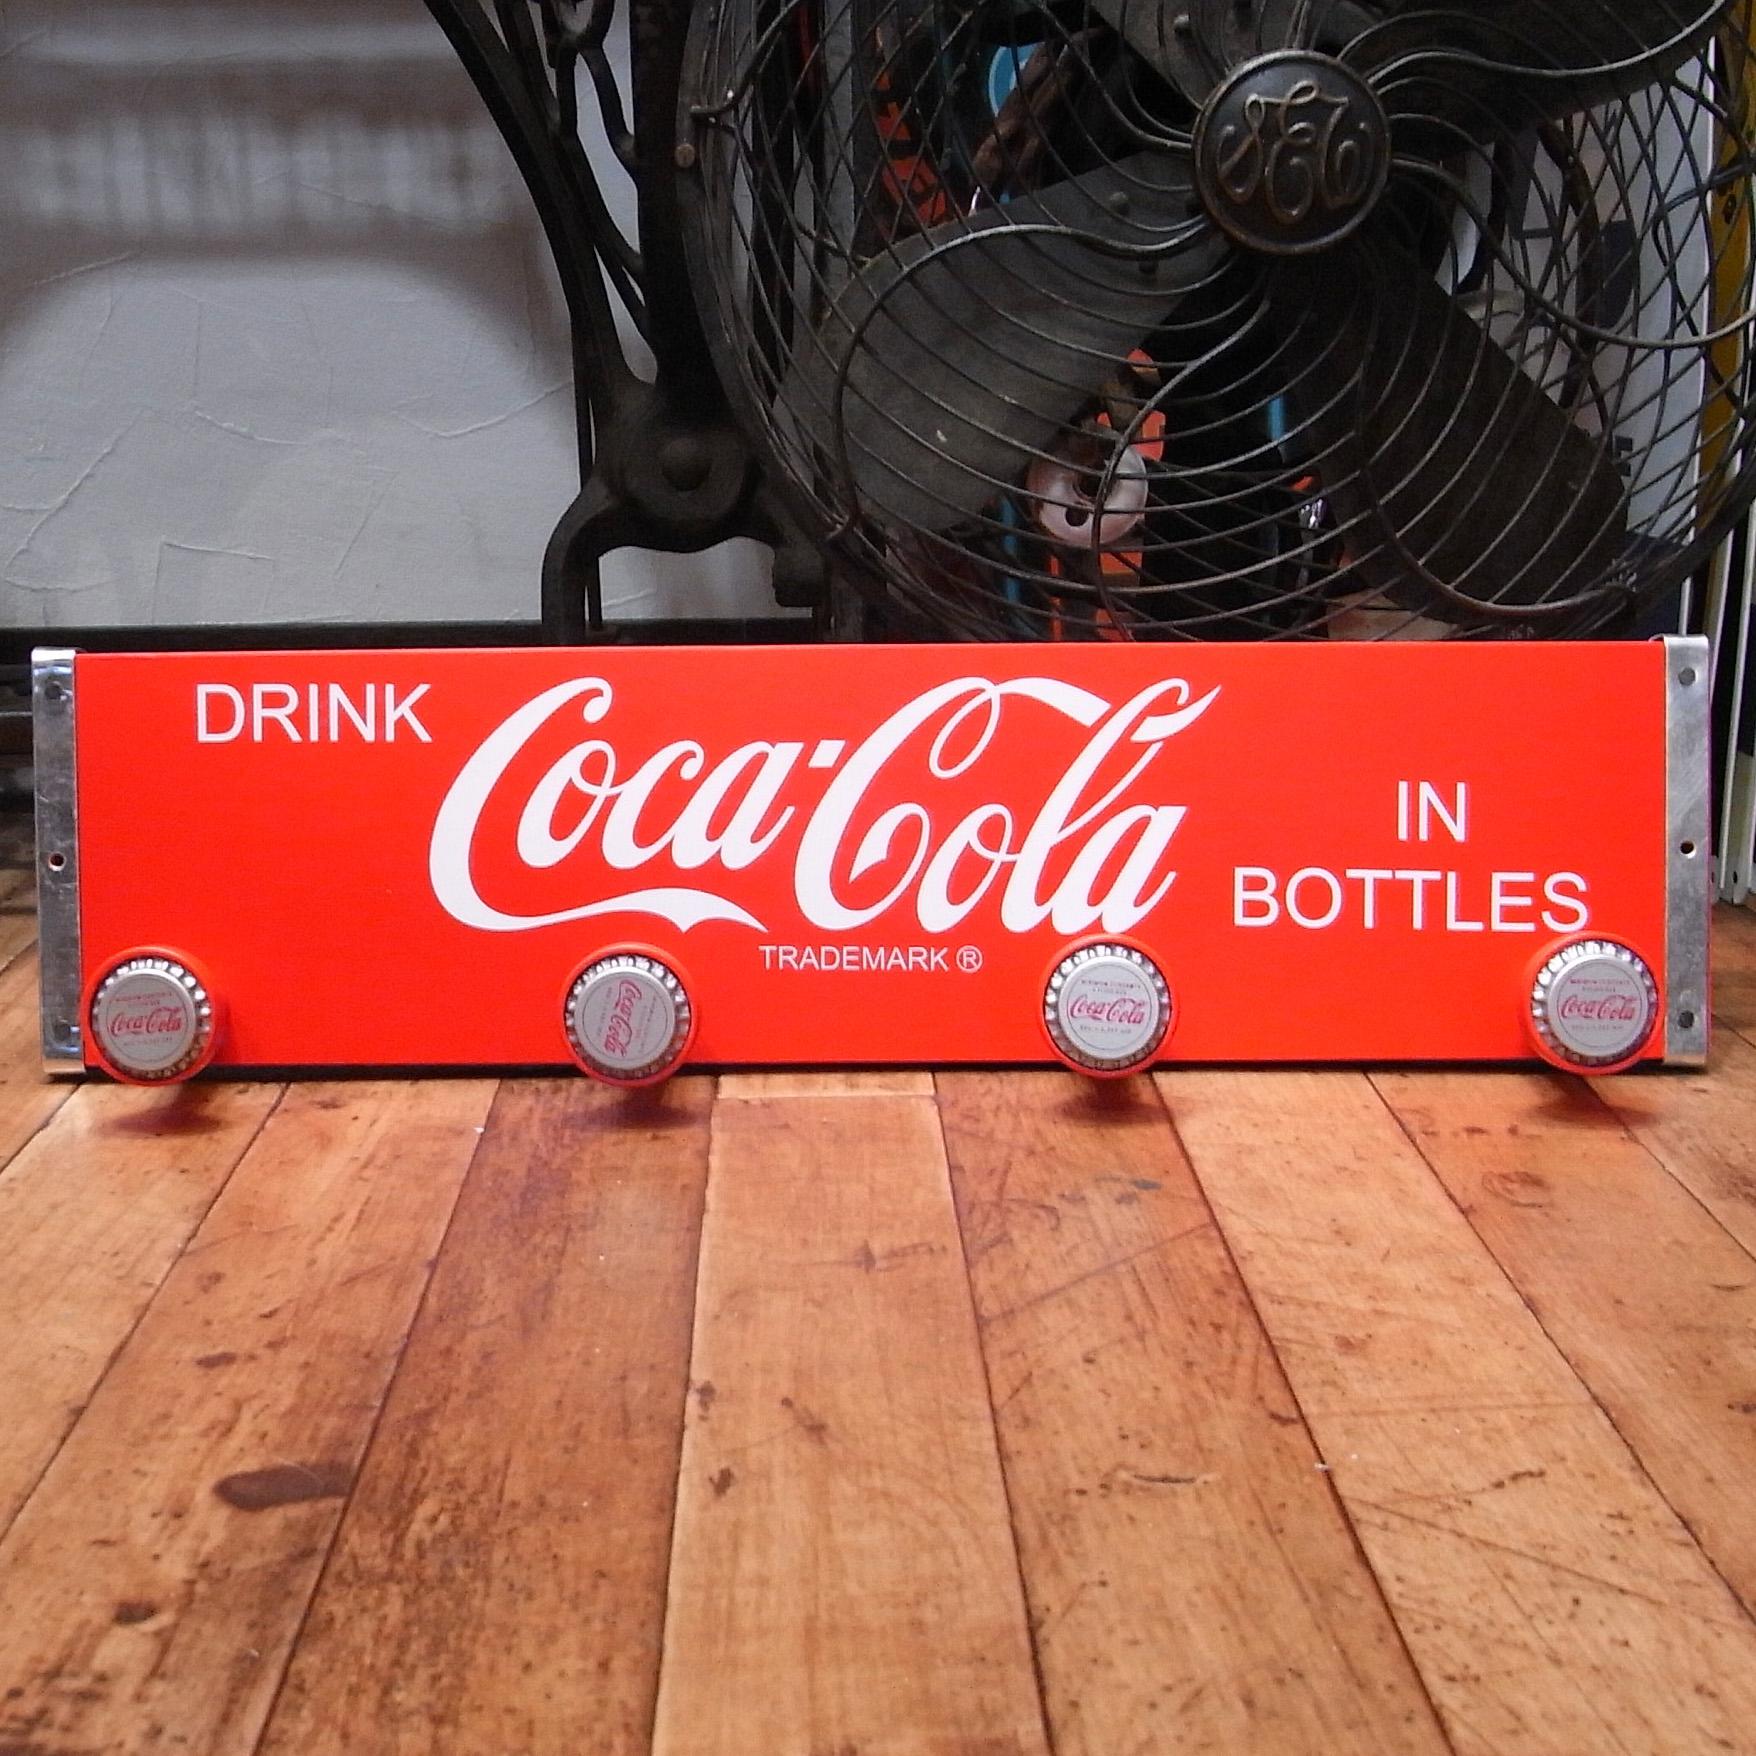 コカ・コーラ木製コートハンガー【ボトルキャップ】アメリカン雑貨 インテリア雑貨画像